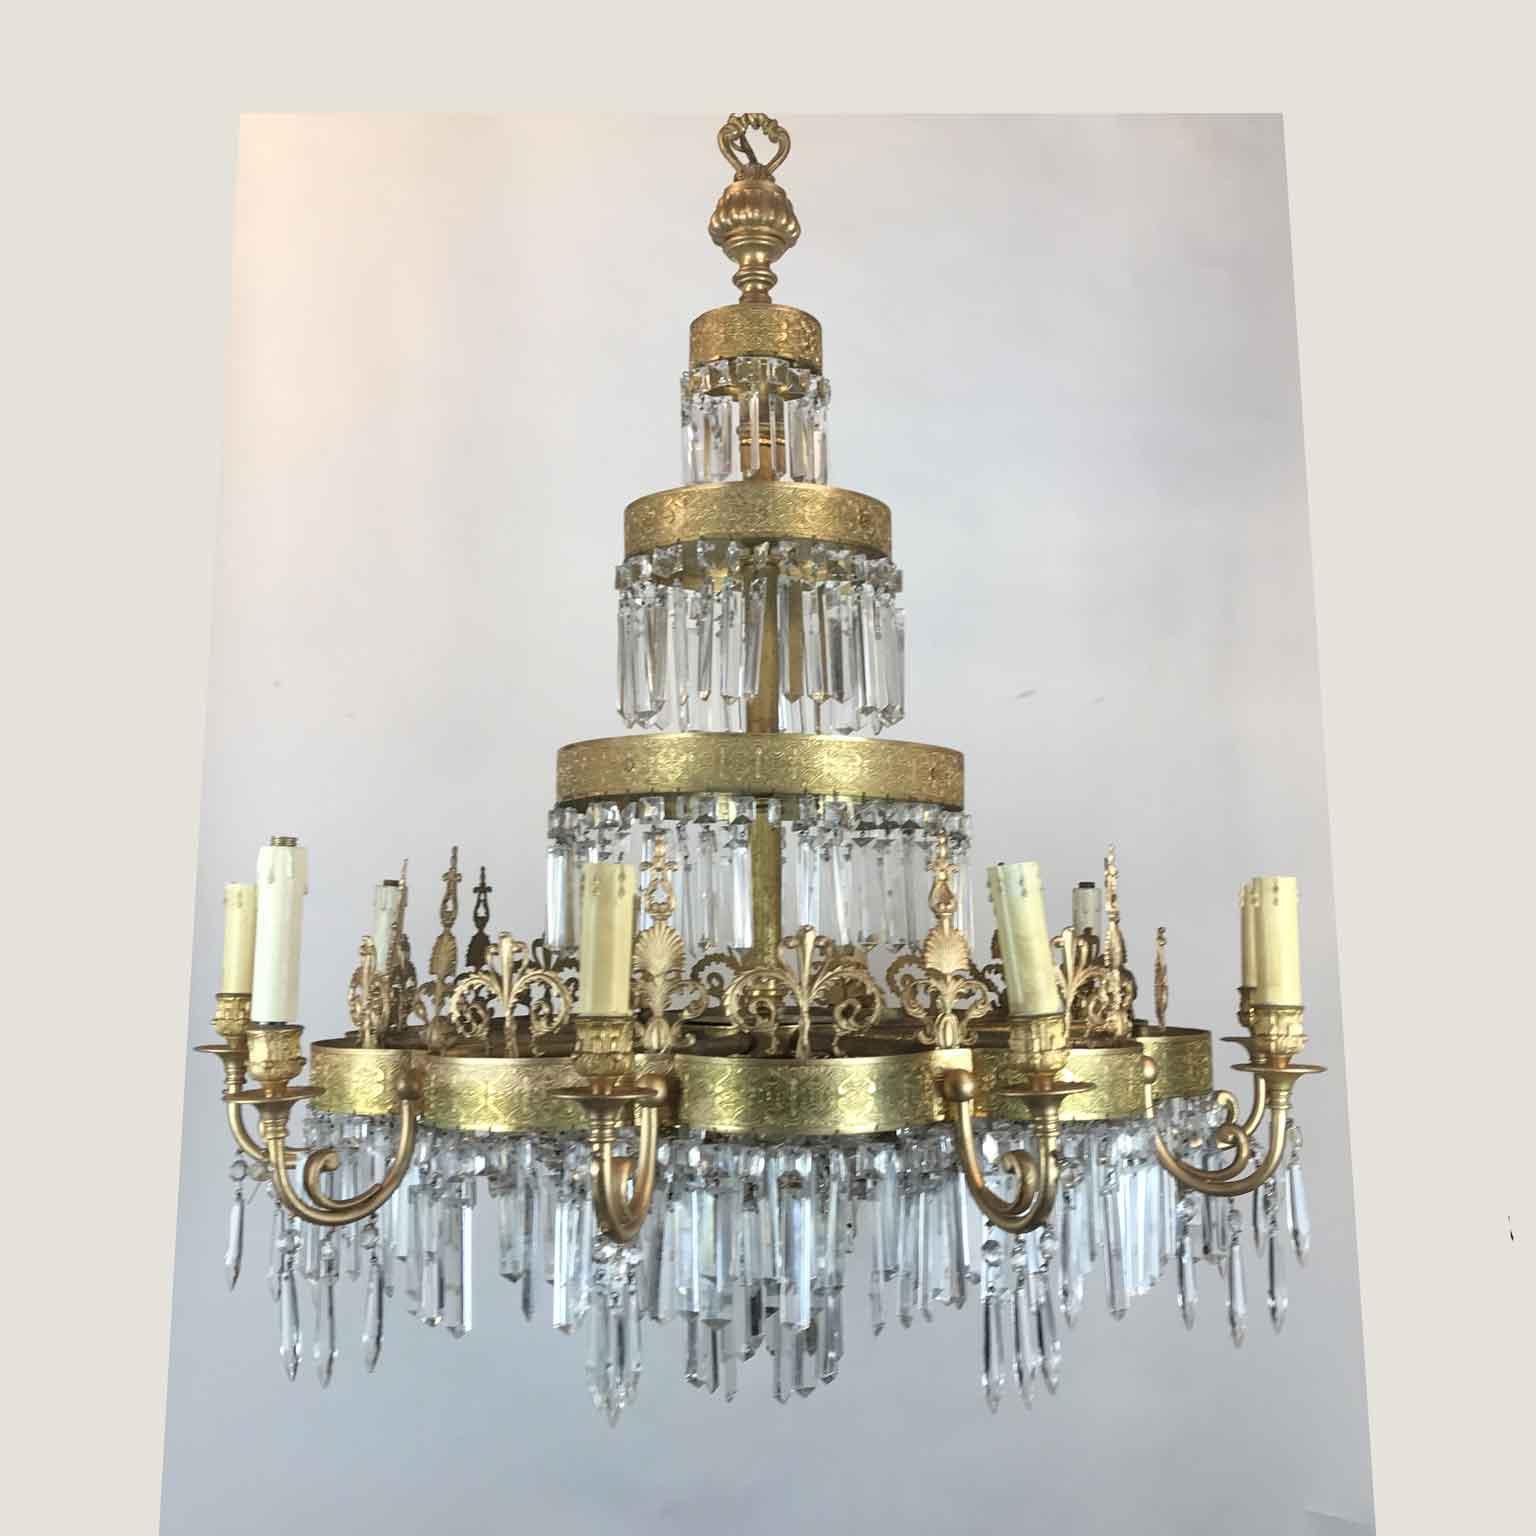 Antico Lampadario Russo in Bronzo Dorato e Cristallo